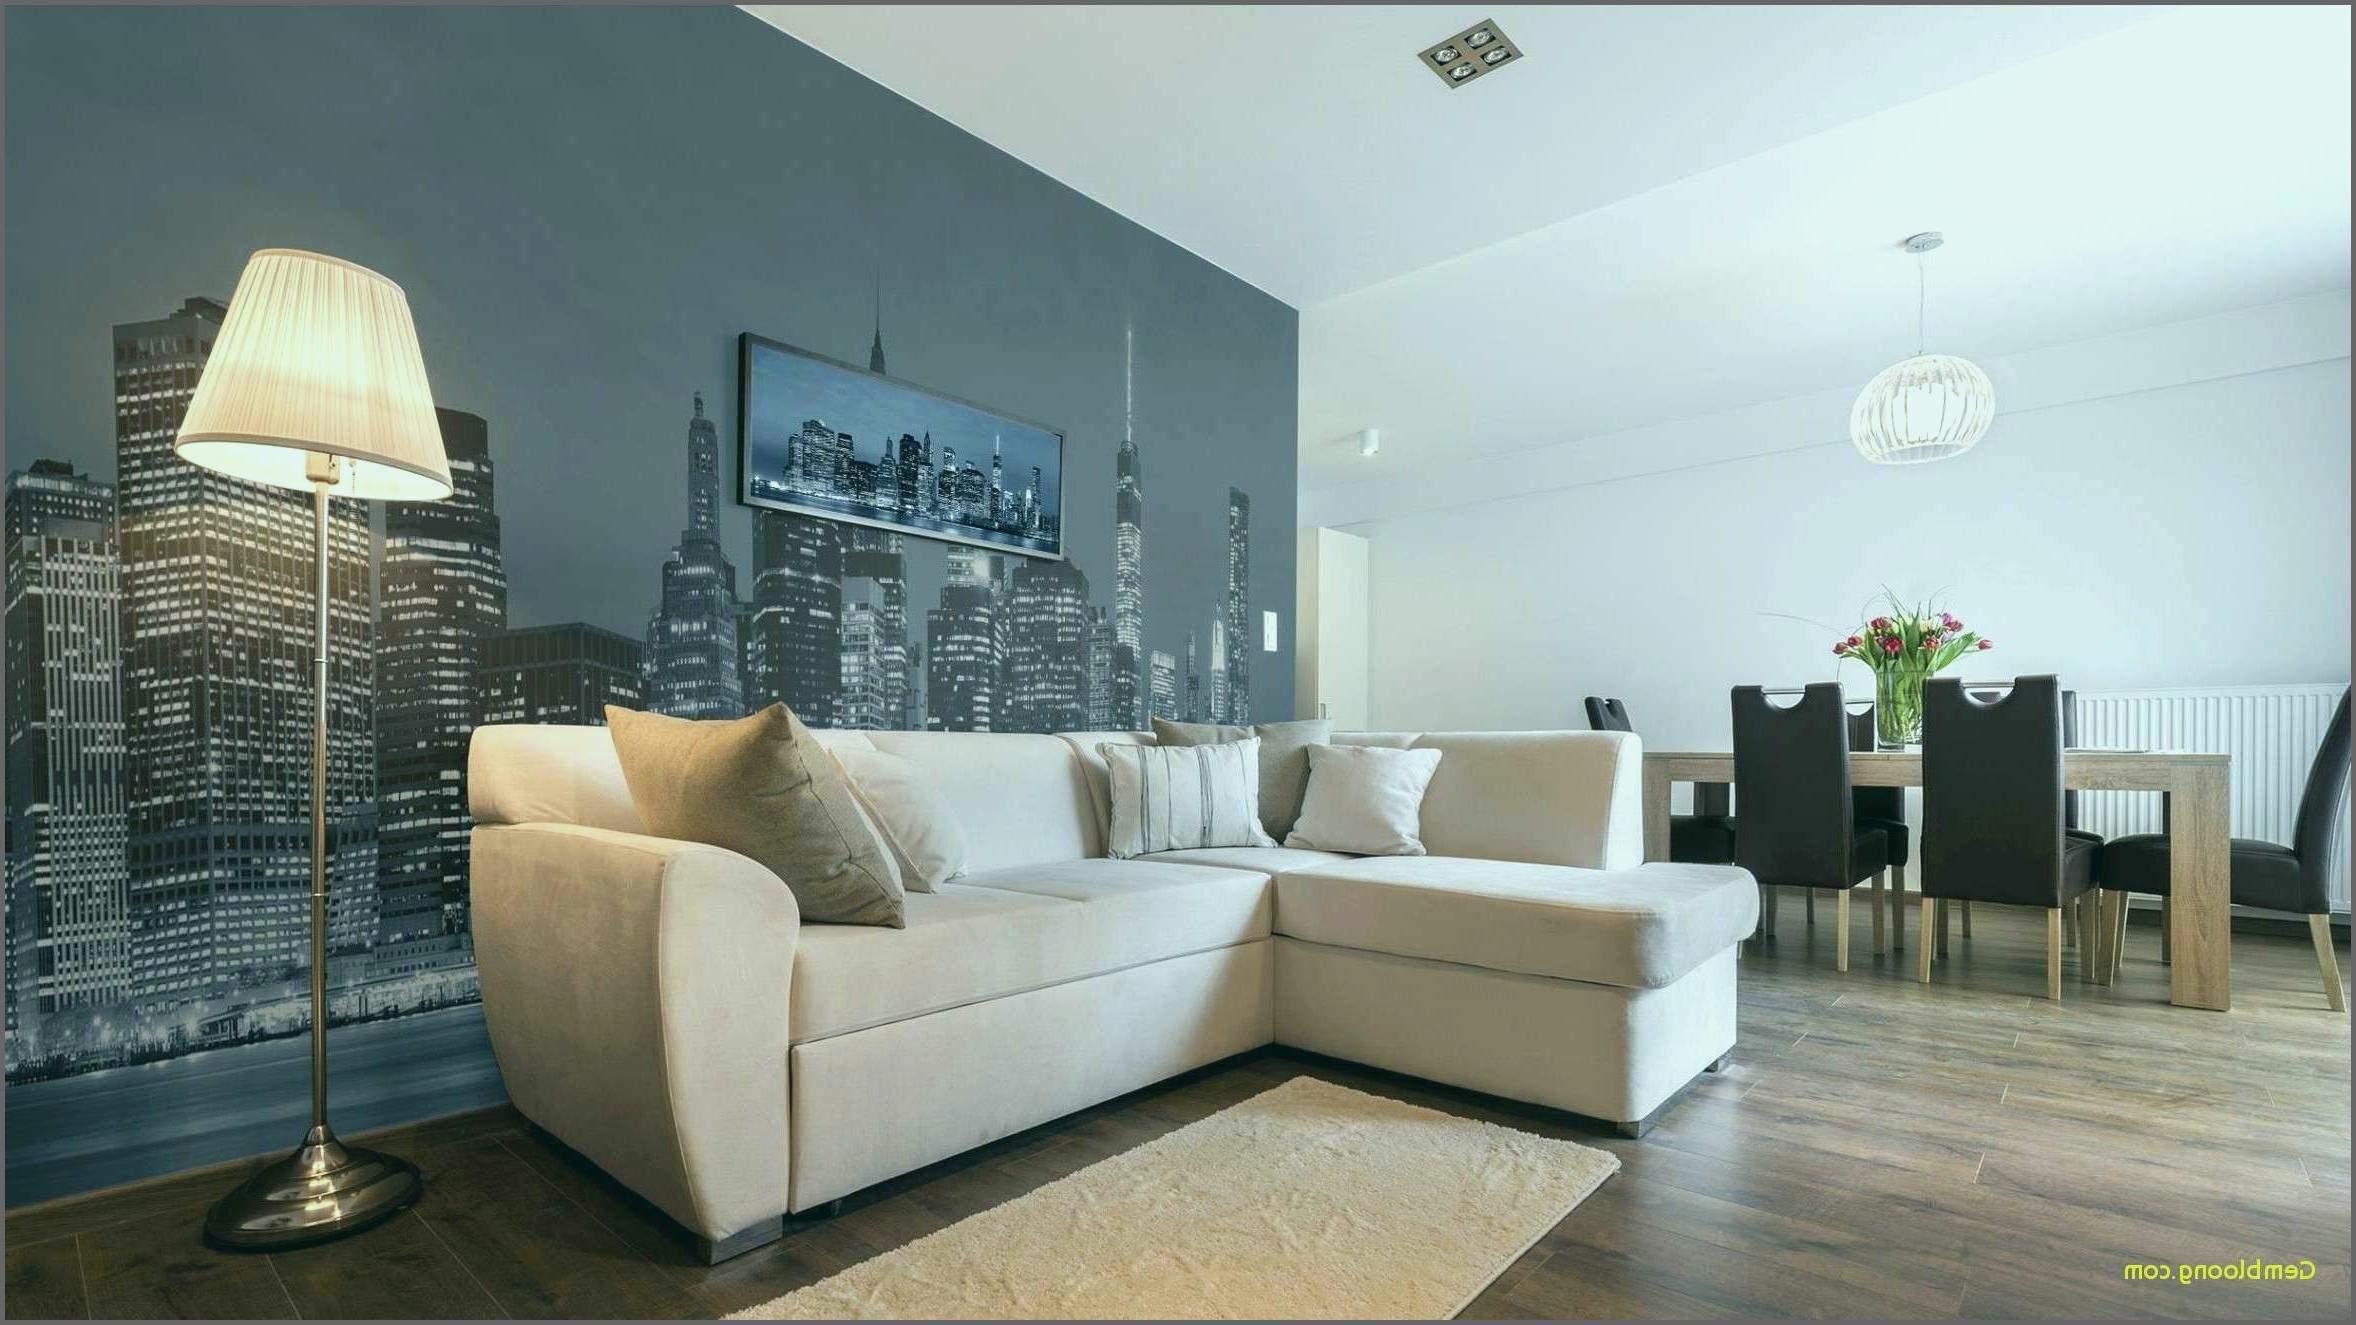 wohnzimmer dekoration luxus design wohnzimmer bilder gemutlich wand licht dekoration of wohnzimmer dekoration